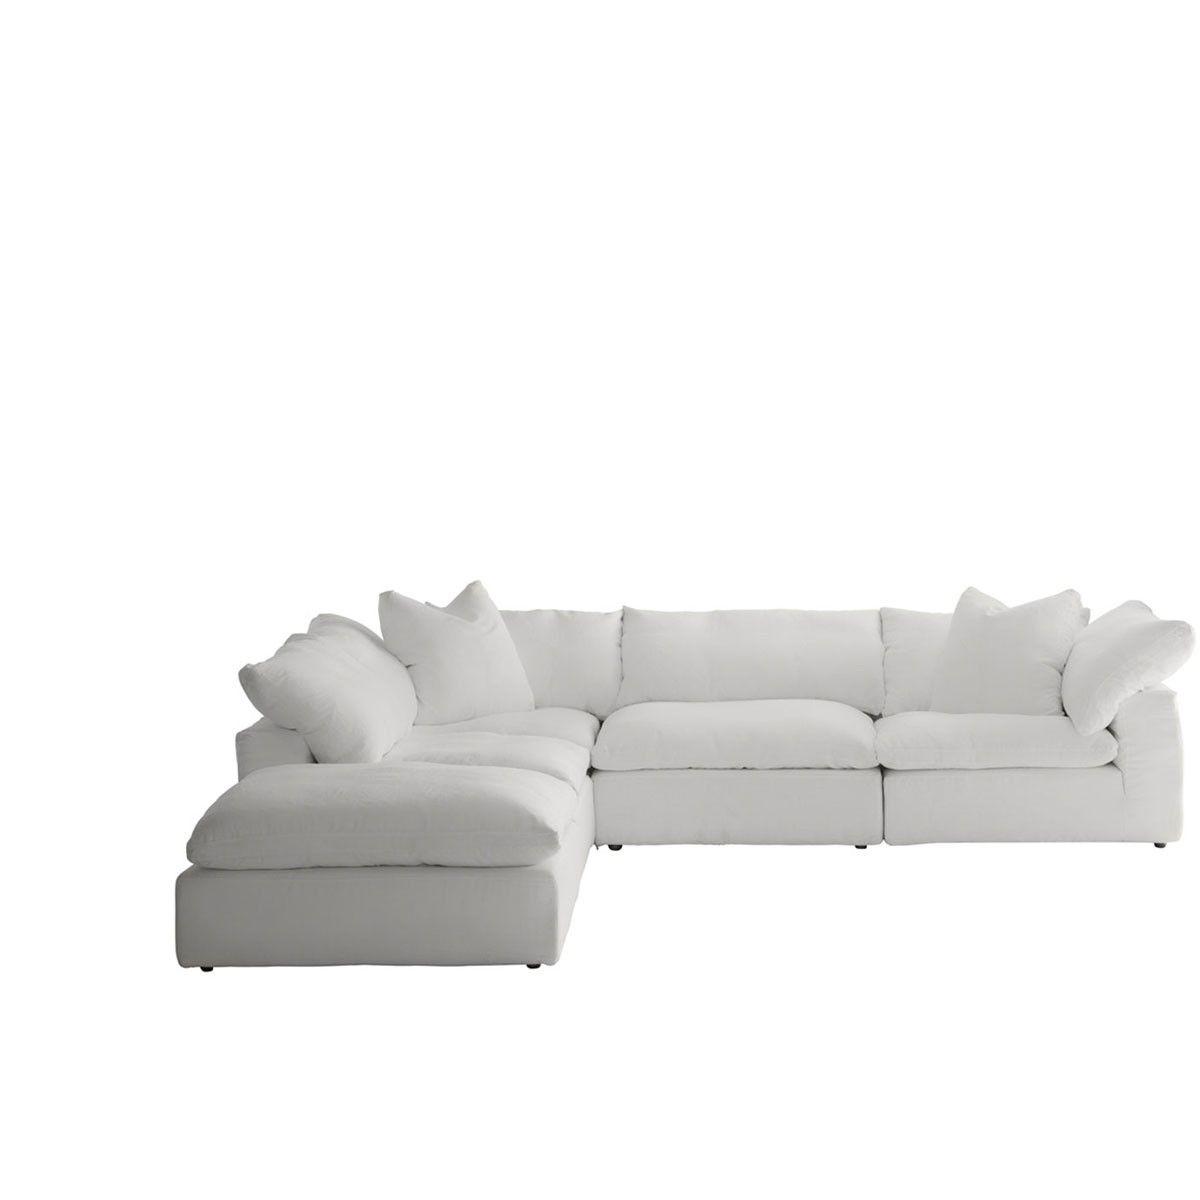 Truman Sectional Sofa in White Linen  sc 1 st  Pinterest : linen sofa sectional - Sectionals, Sofas & Couches